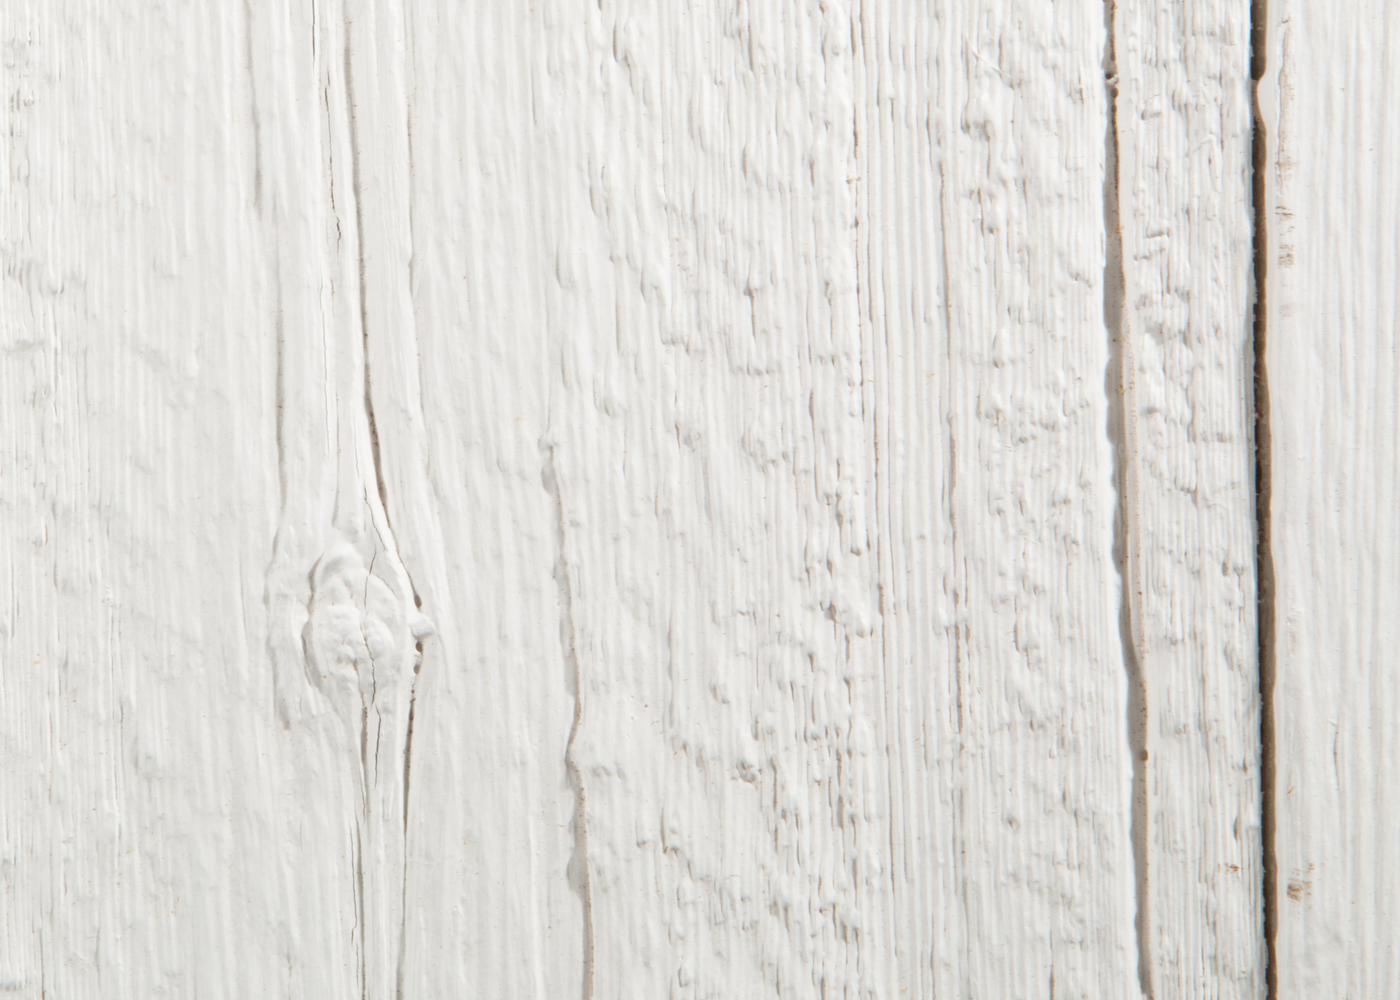 Bardage Bois Us Déligné Raboté Campagne Vieilli Peinture d'Aujourd'hui Blanc Dense , longueurs de 2,4 à 3,6m